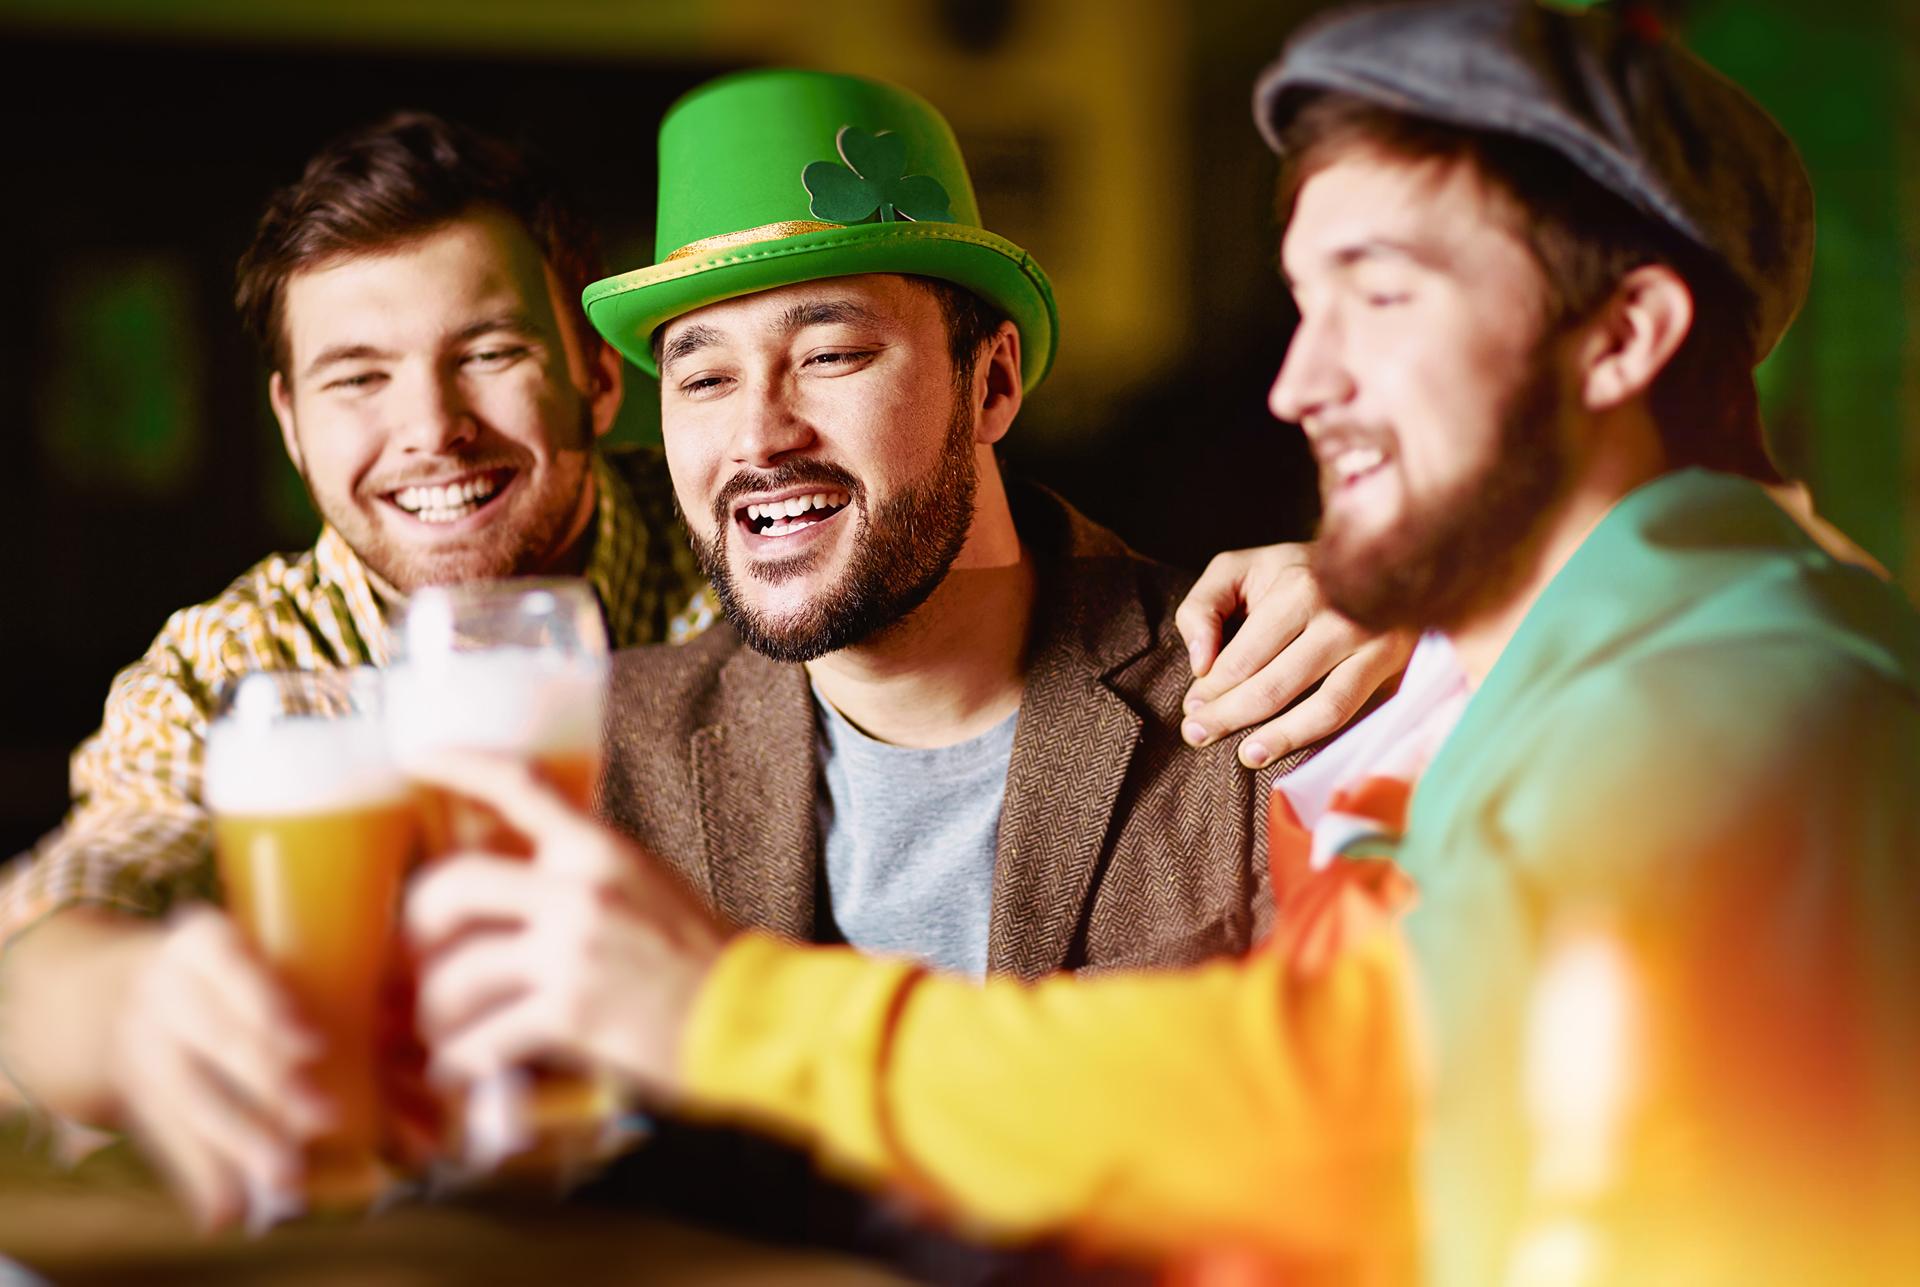 Cerveza, música y vestimenta verde, ítem indispensable para los festejos (iStock)